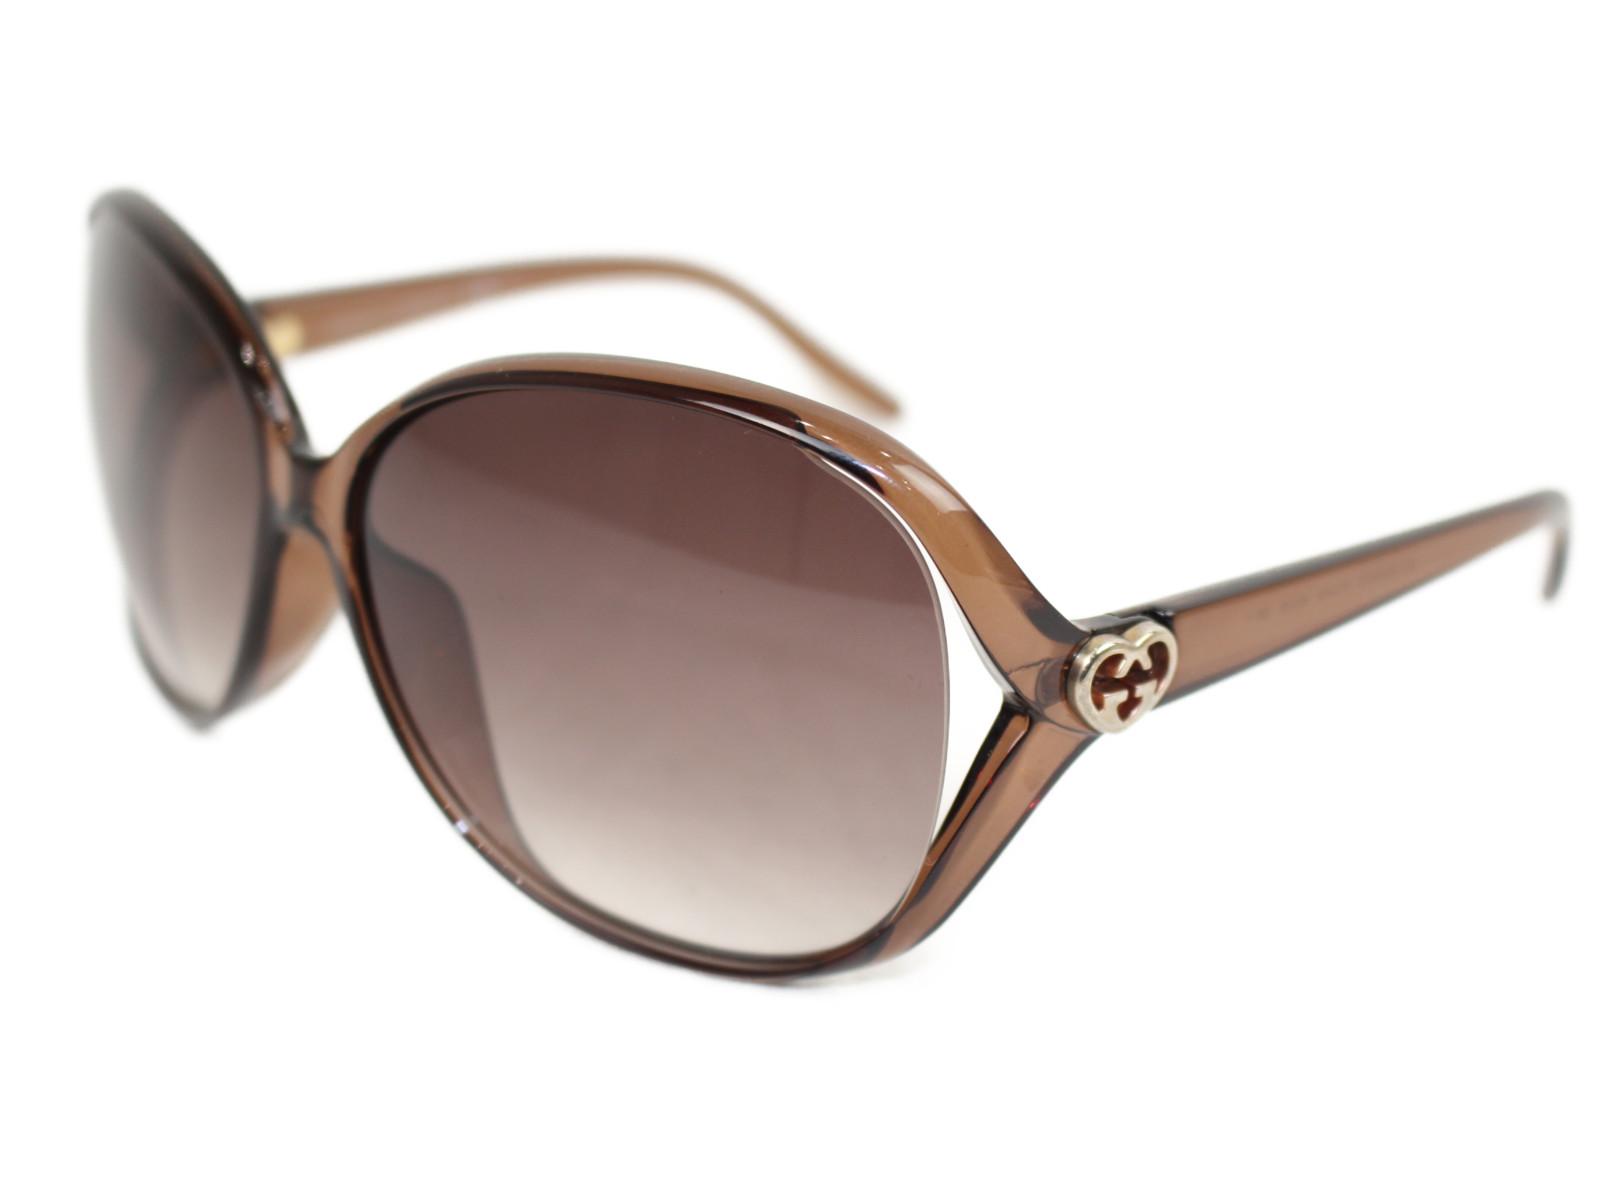 GUCCI サングラス 3525/K/S ブラウン  レディース メンズ ユニセックス 小物 眼鏡 メガネ めがね【中古】